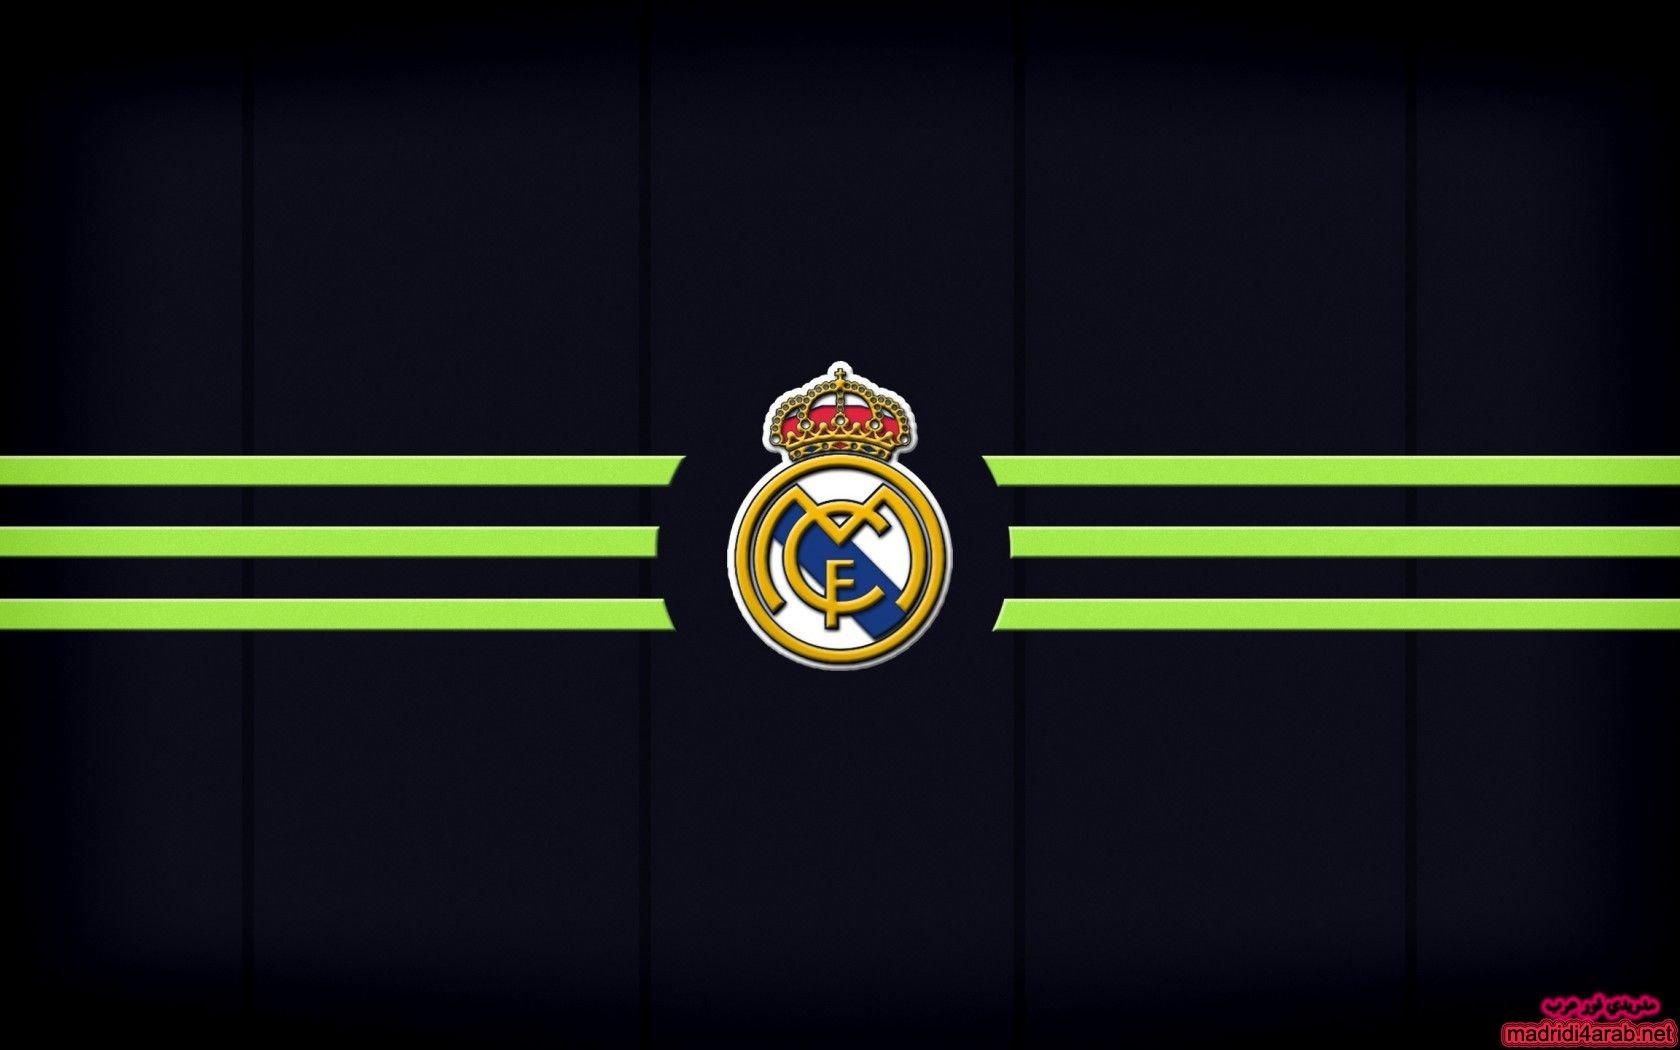 بالصور خلفيات ريال مدريد , اجمل خلفية لنادى ريال مدريد روعه 621 7